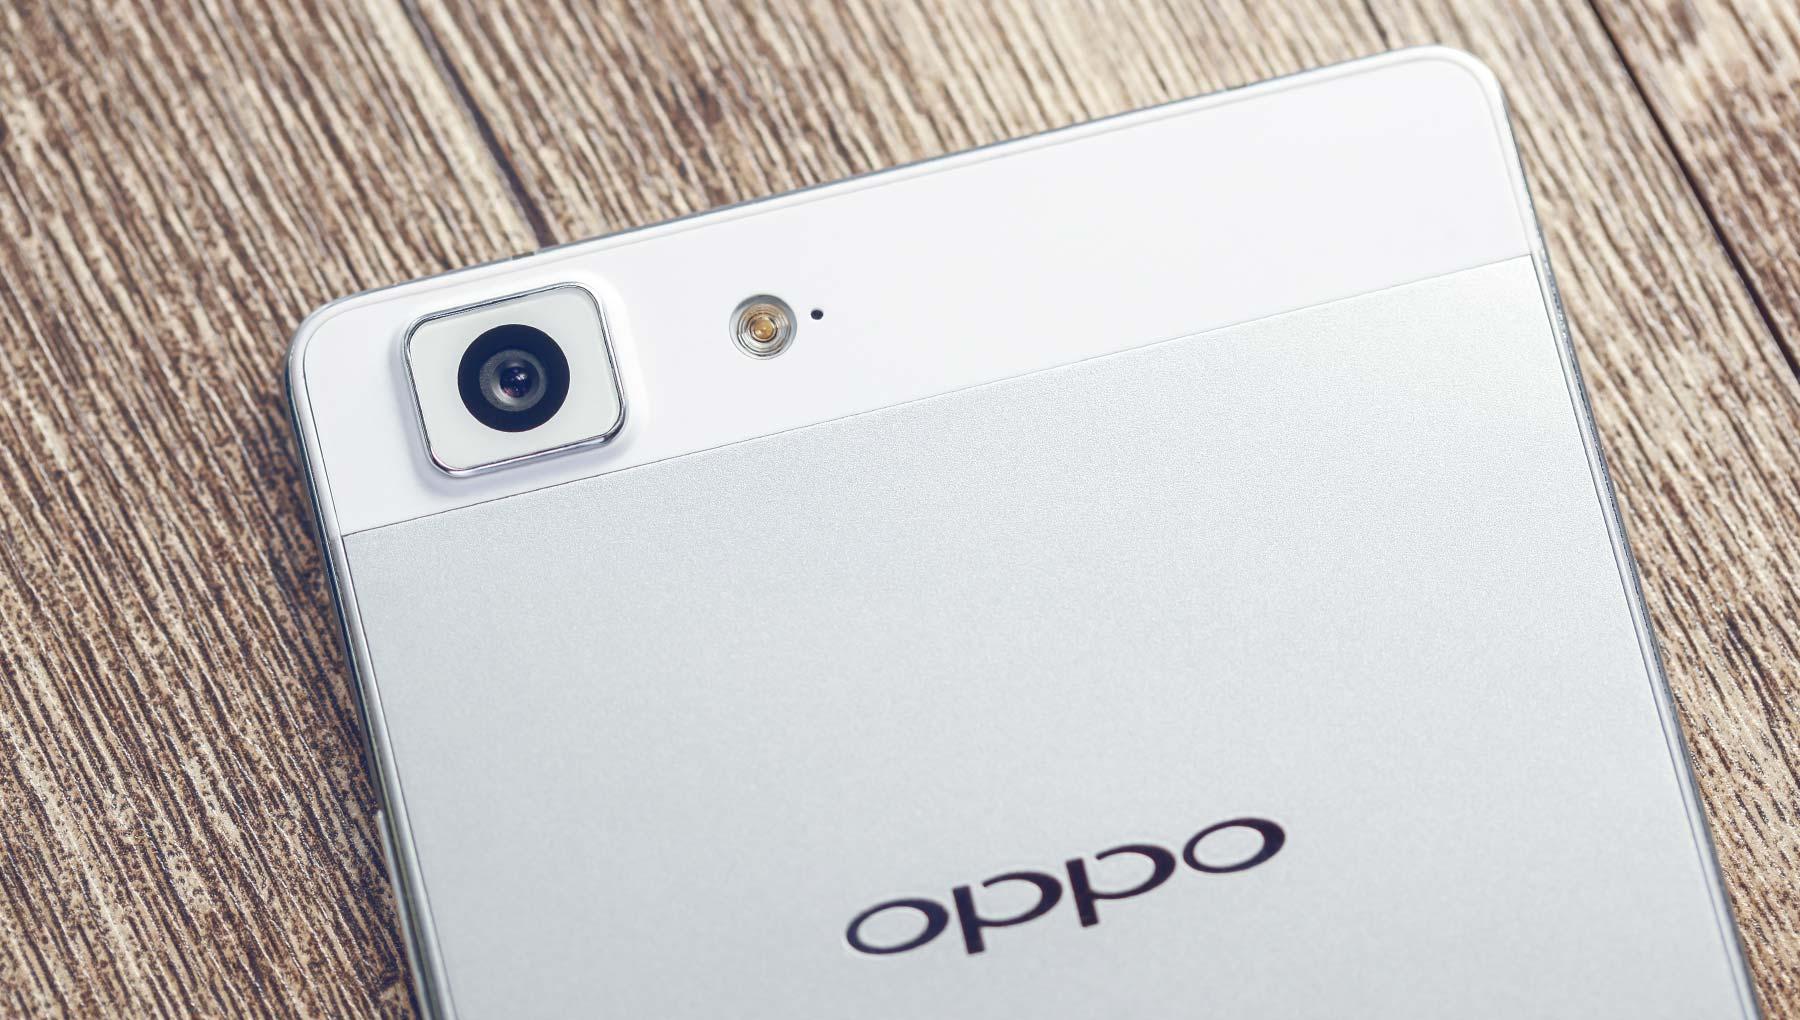 OPPO R5  ႐ႈေထာင့္ကို ပံုေဖာ္ျခင္း